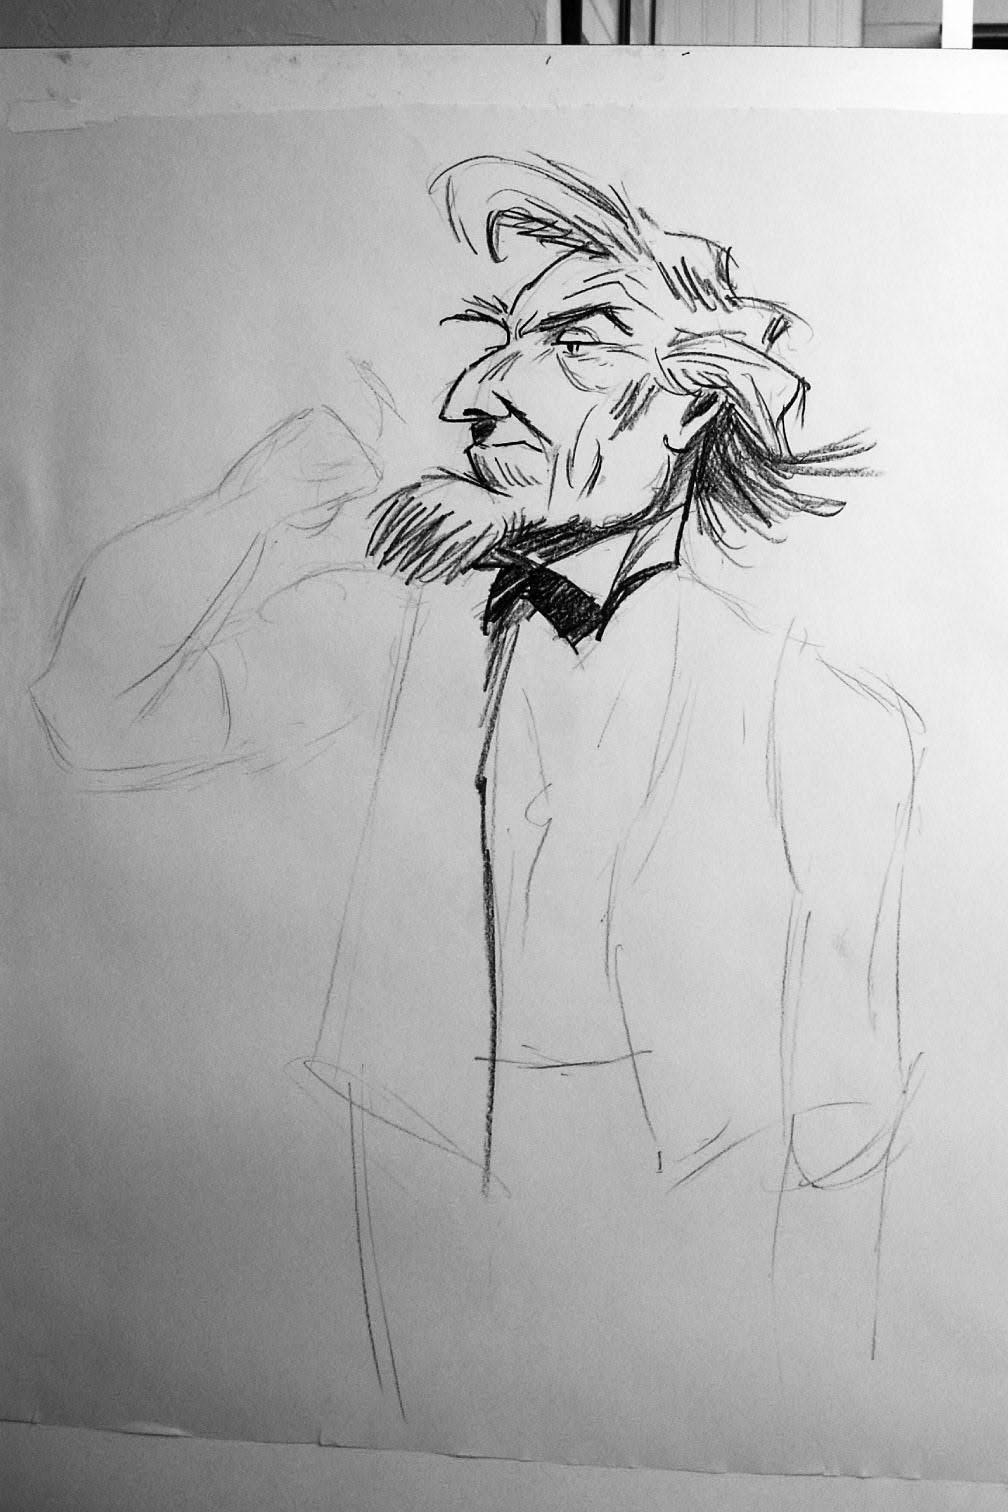 Drawing Uncle Sam (circa 1940)